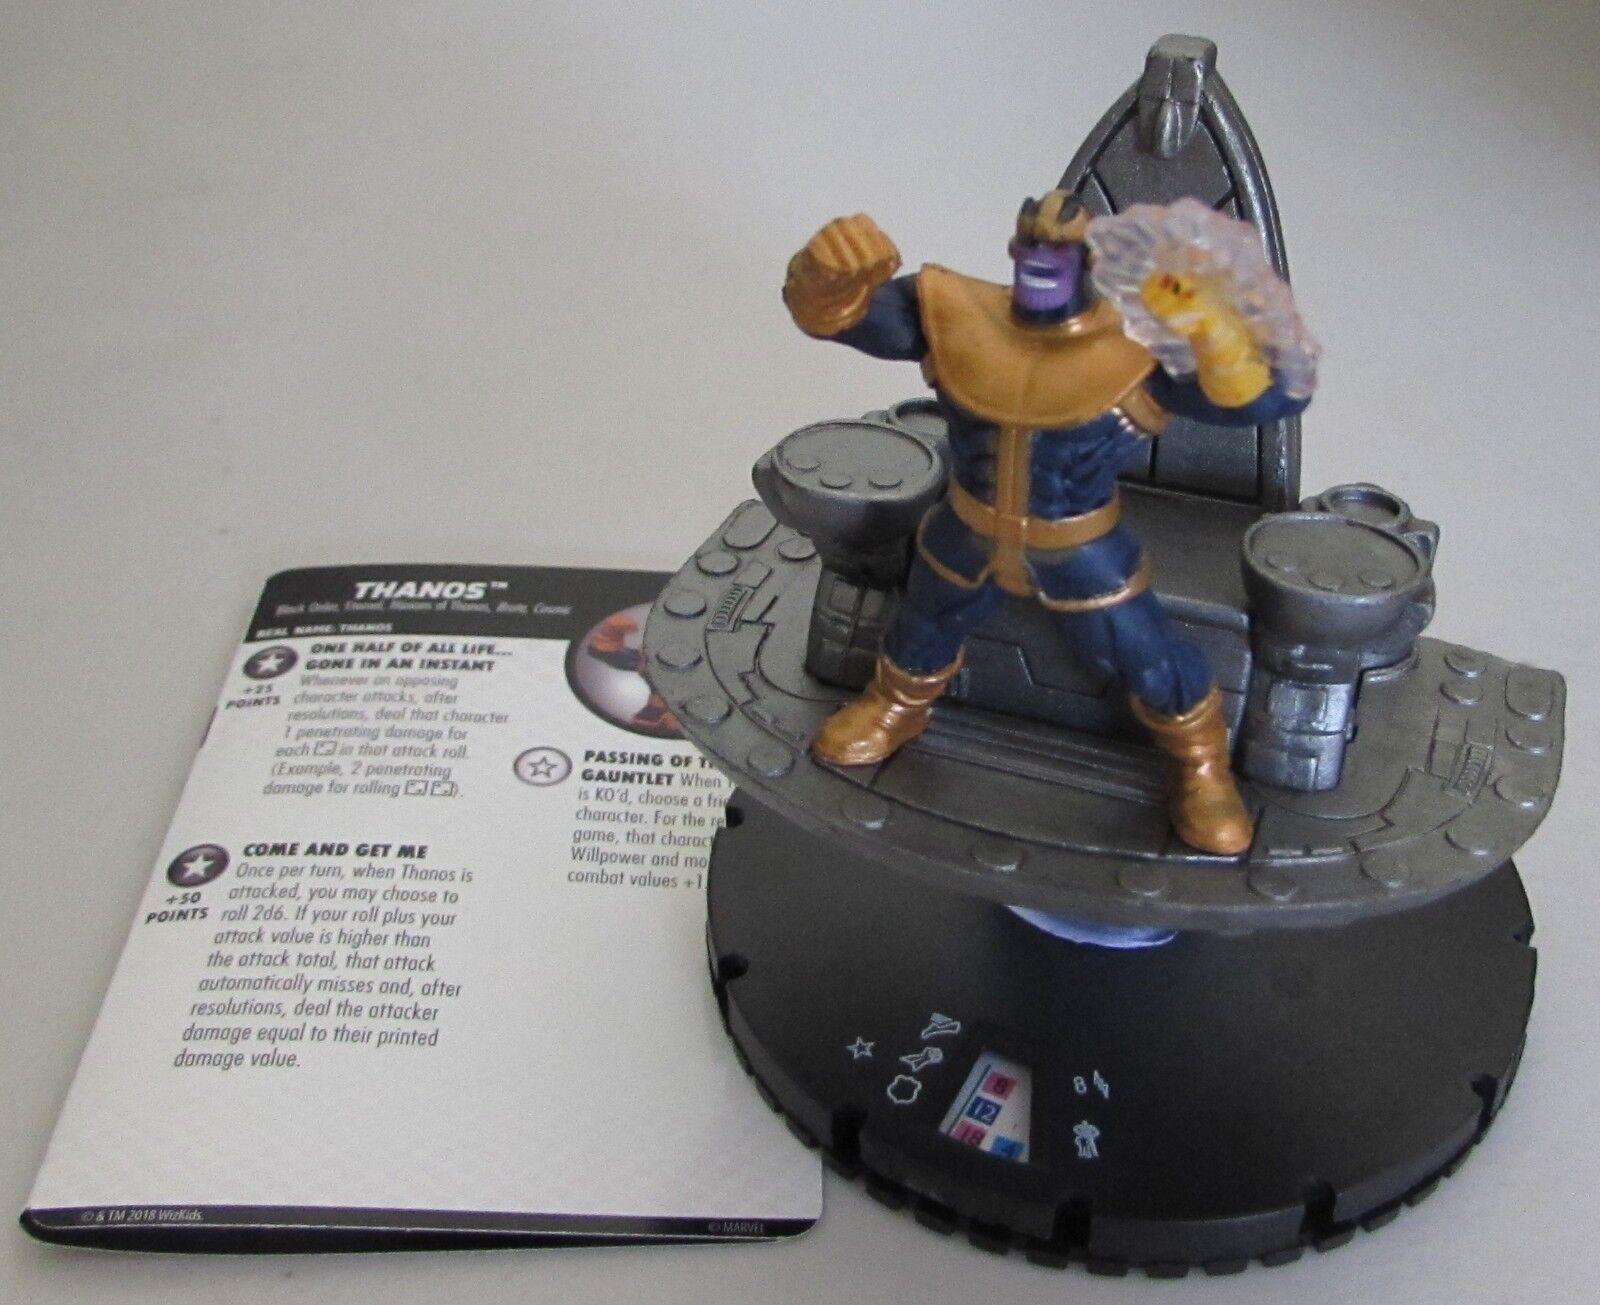 buscando agente de ventas Thanos G018 G018 G018 Los Vengadores Infinito Marvel Heroclix colosal Raro  promociones de equipo